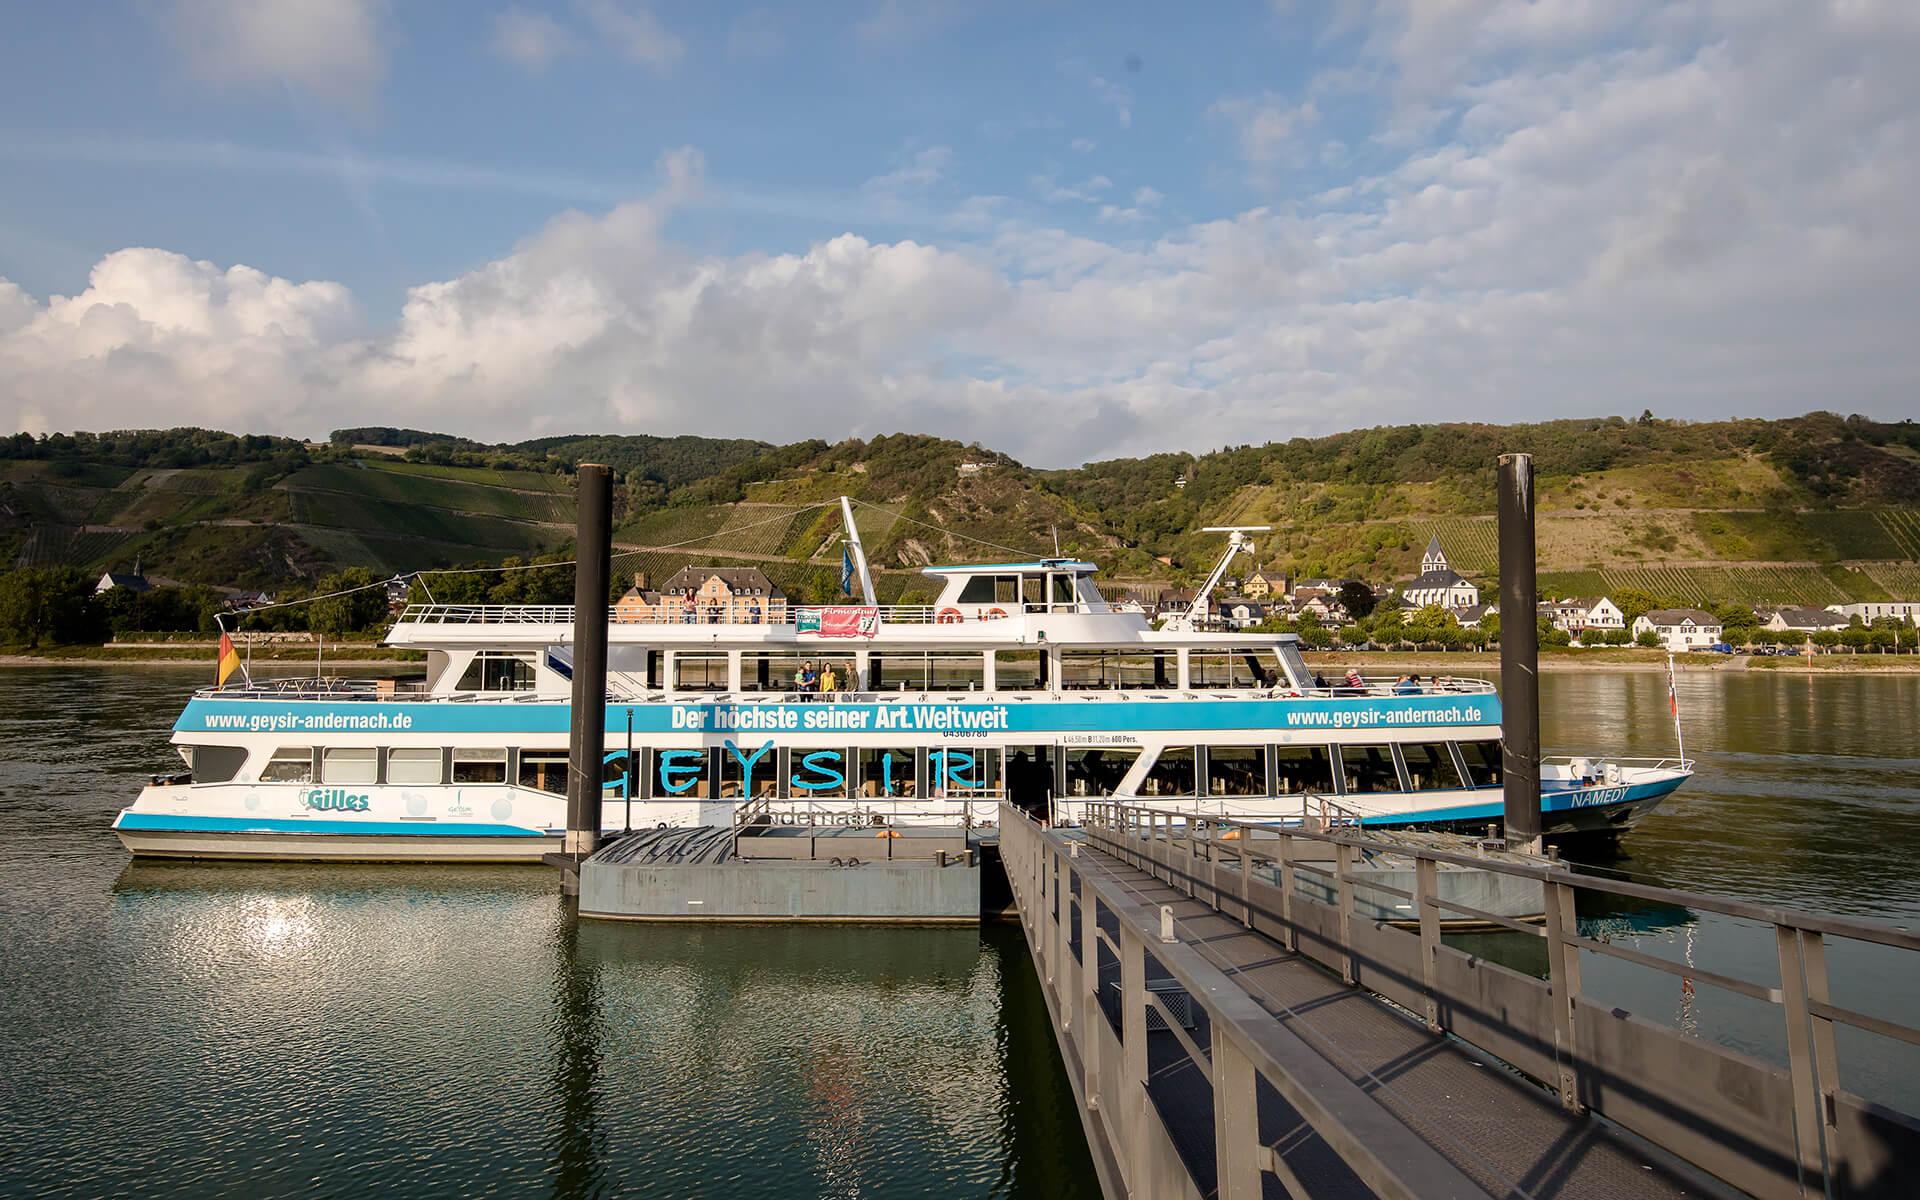 Geysir Schiff am Anleger des Naturschutzgebietes Namedyer Werth